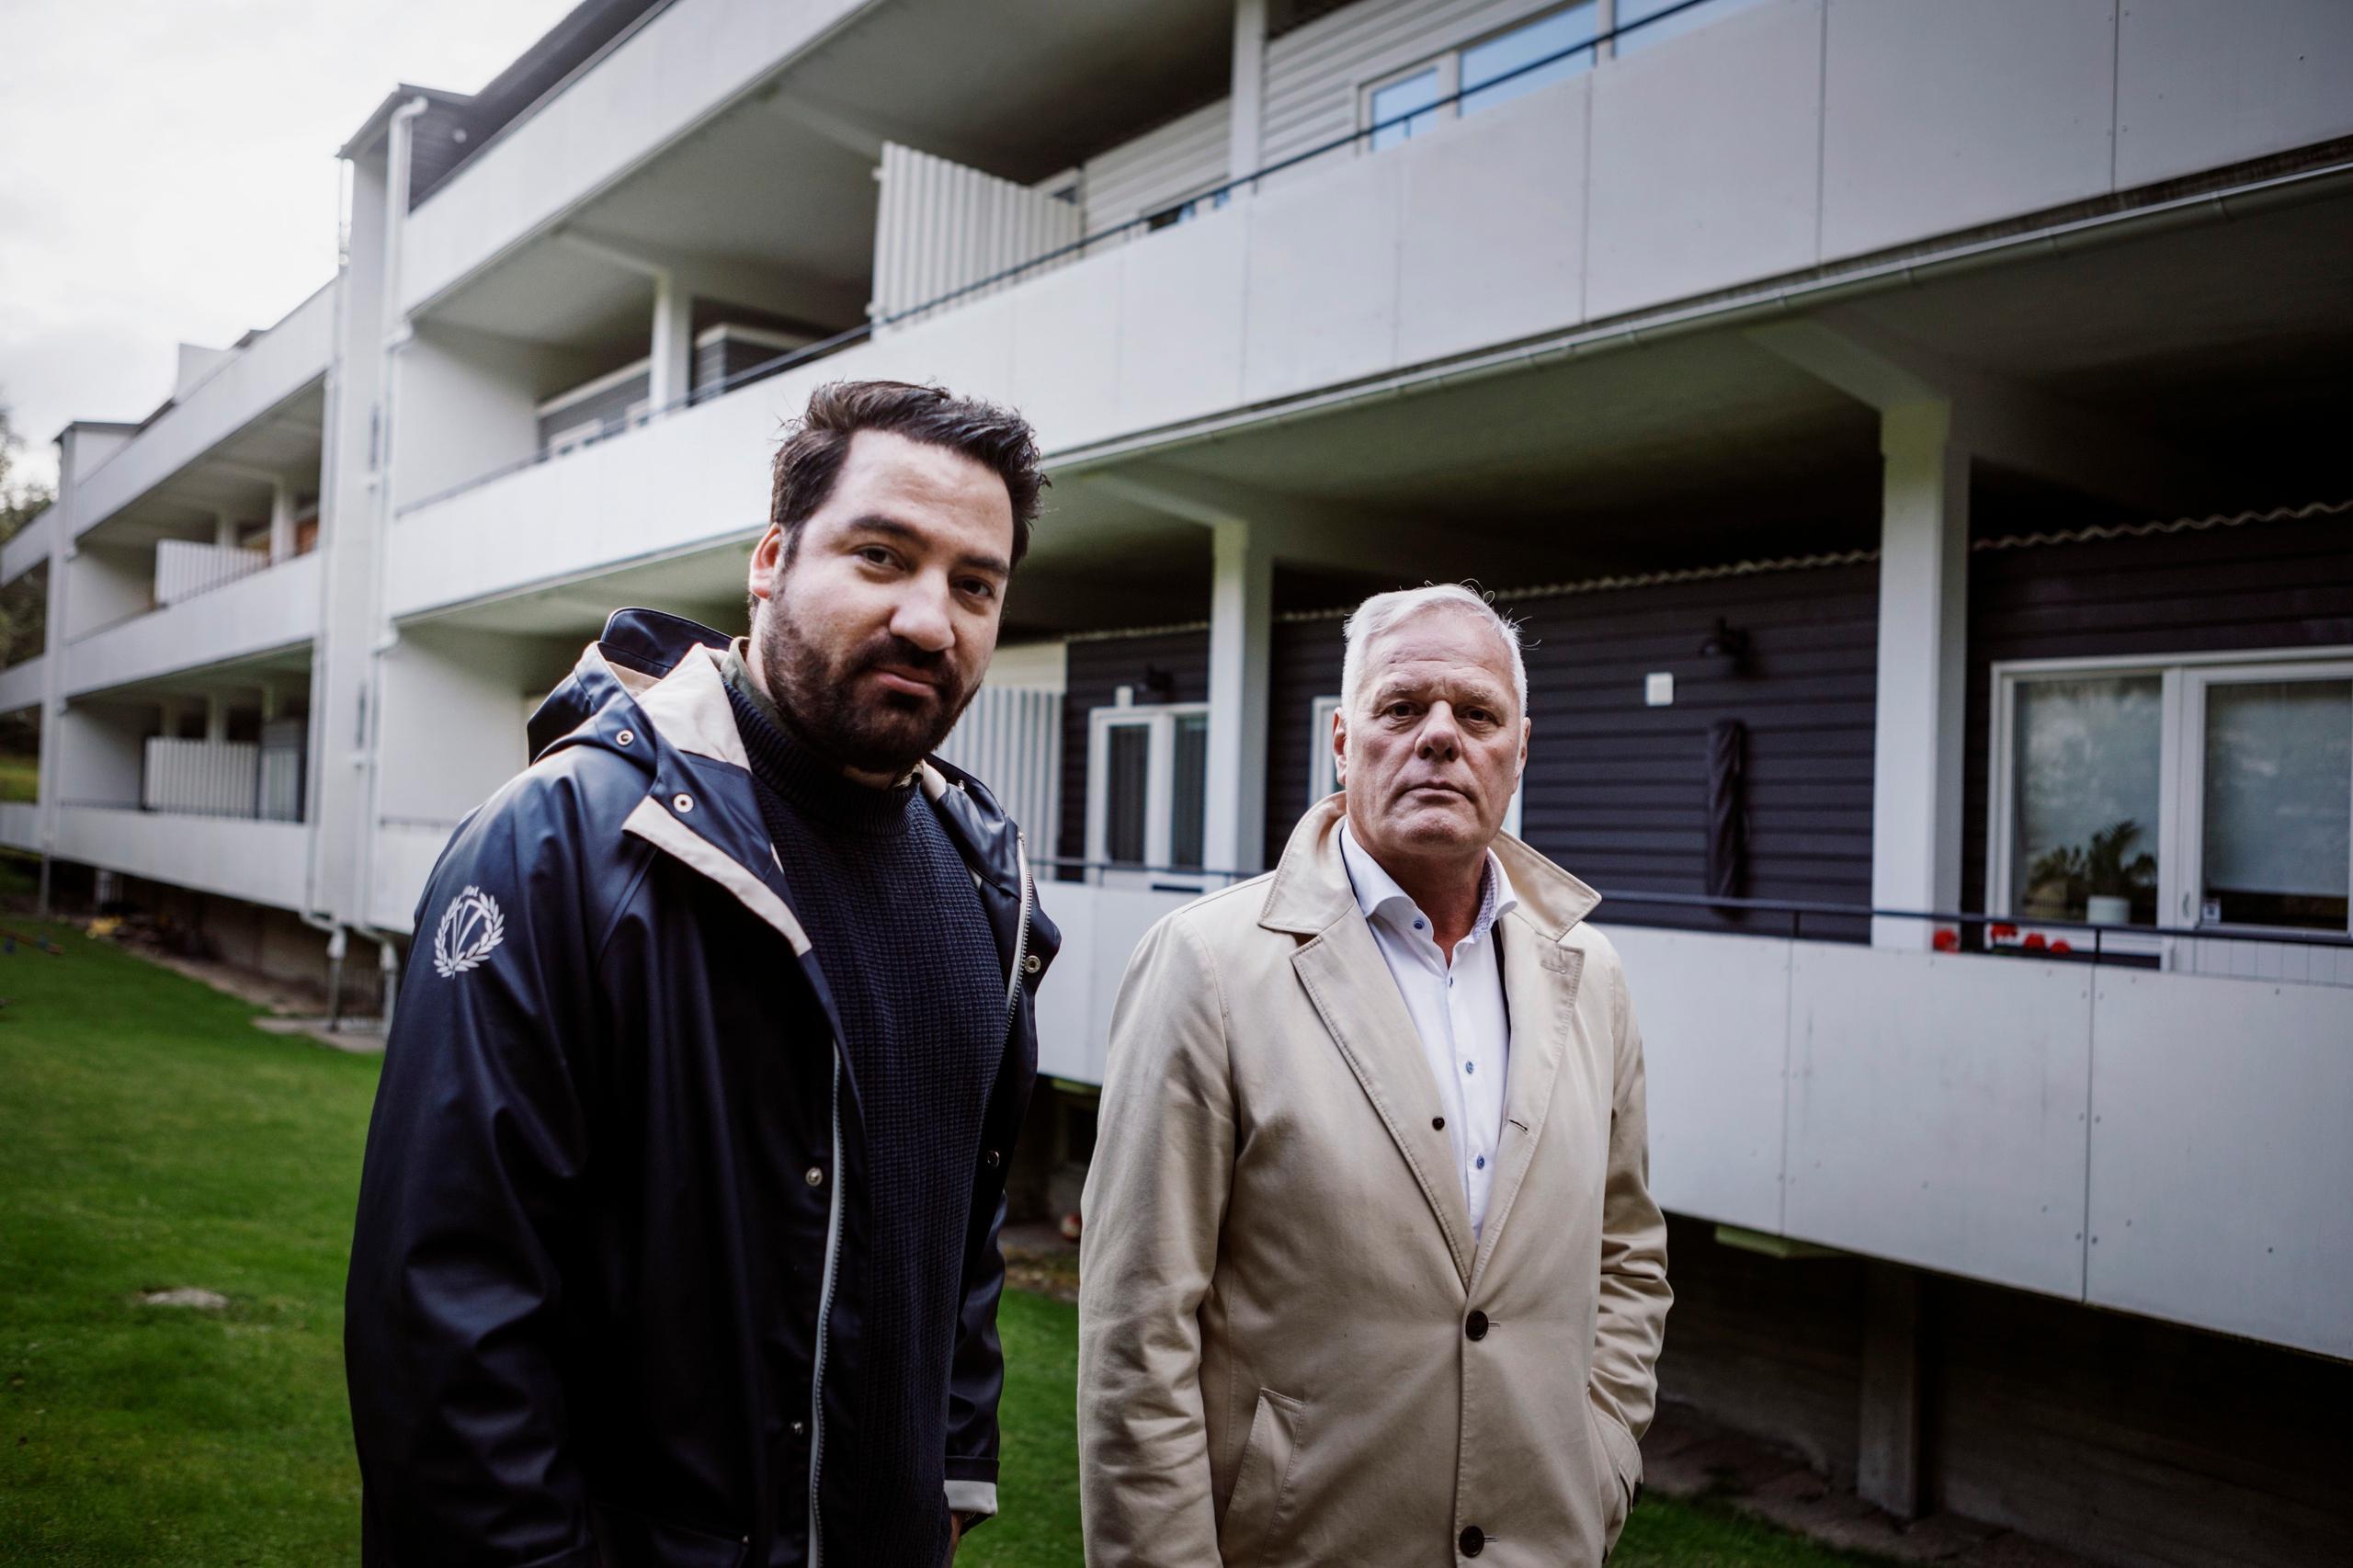 Bostadsrättsföreningens tomträttsavgift höjs med 500 procent - Göteborgs-Posten